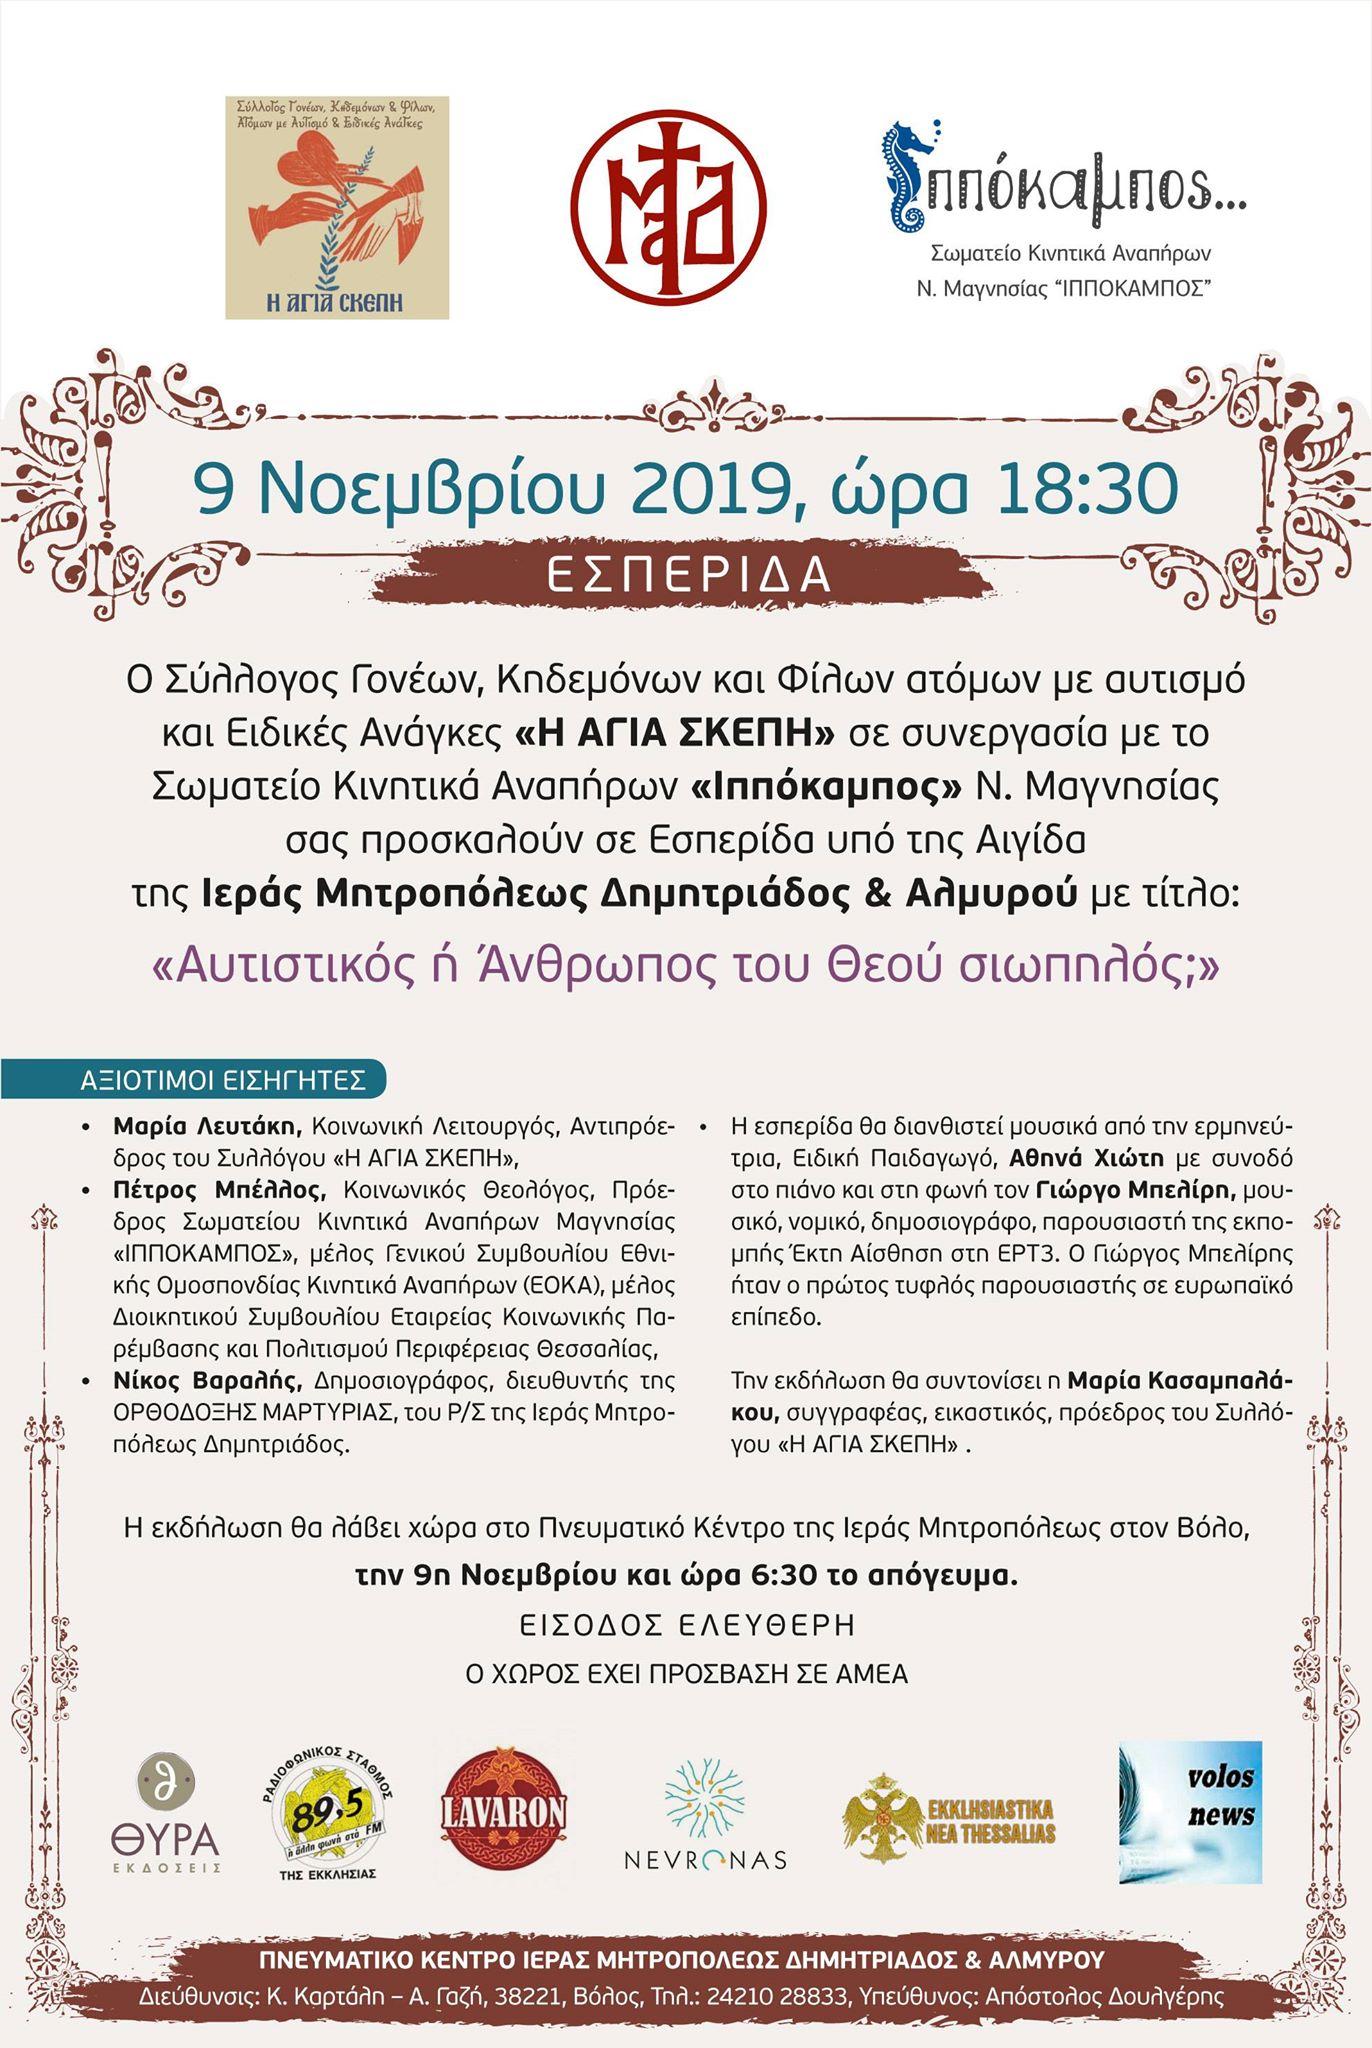 Χορηγός Επικοινωνίας της Εσπερίδος με θέμα: <<Αυτιστικός ή Άνθρωπος του Θεού σιωπηλός>> είναι και το Εκκλησιαστικό Ιστολόγιο Lavaron.com.gr